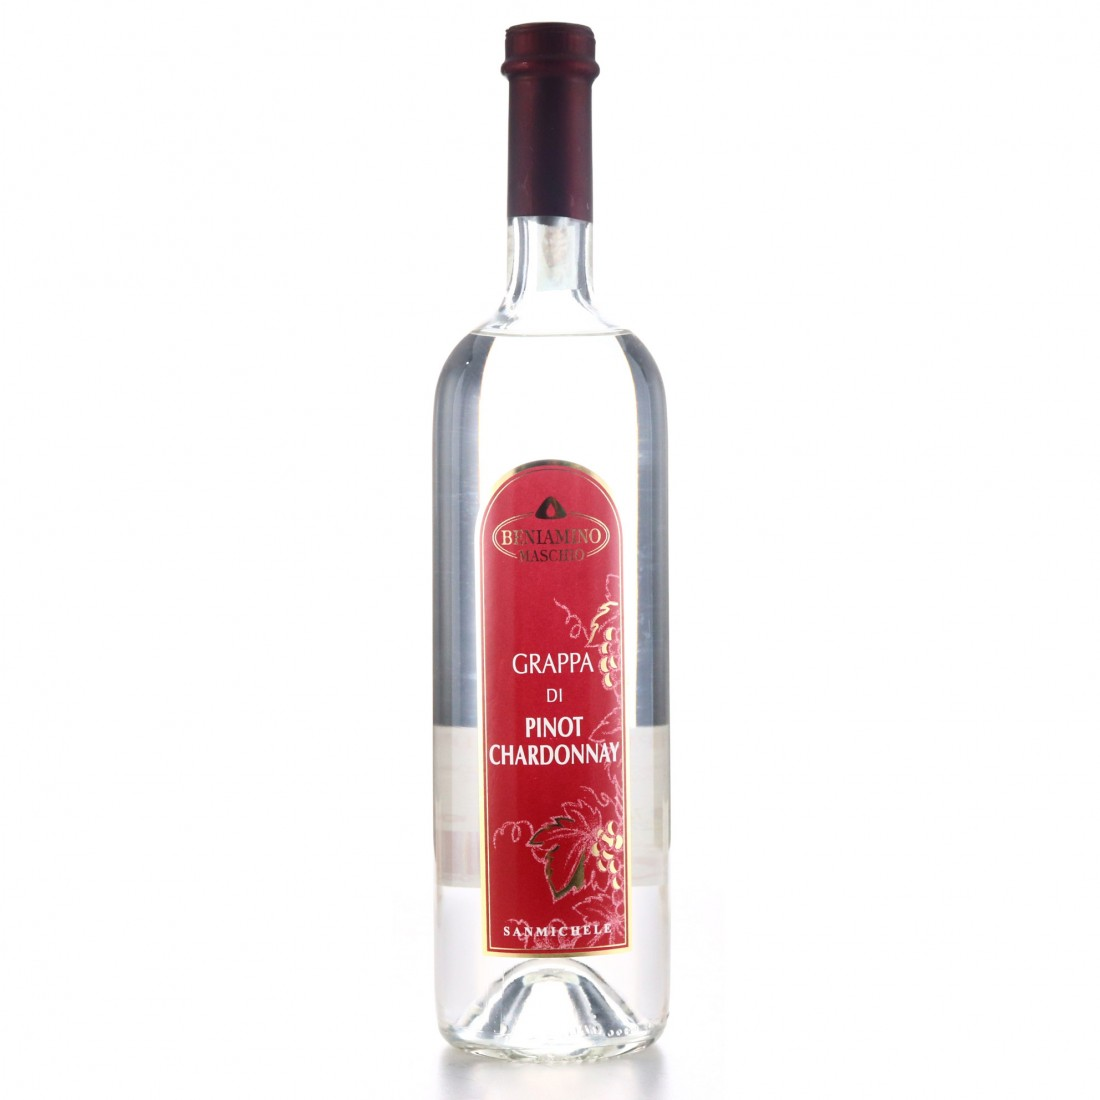 Beniamino Maschio Grappa di Pinot Chardonnay